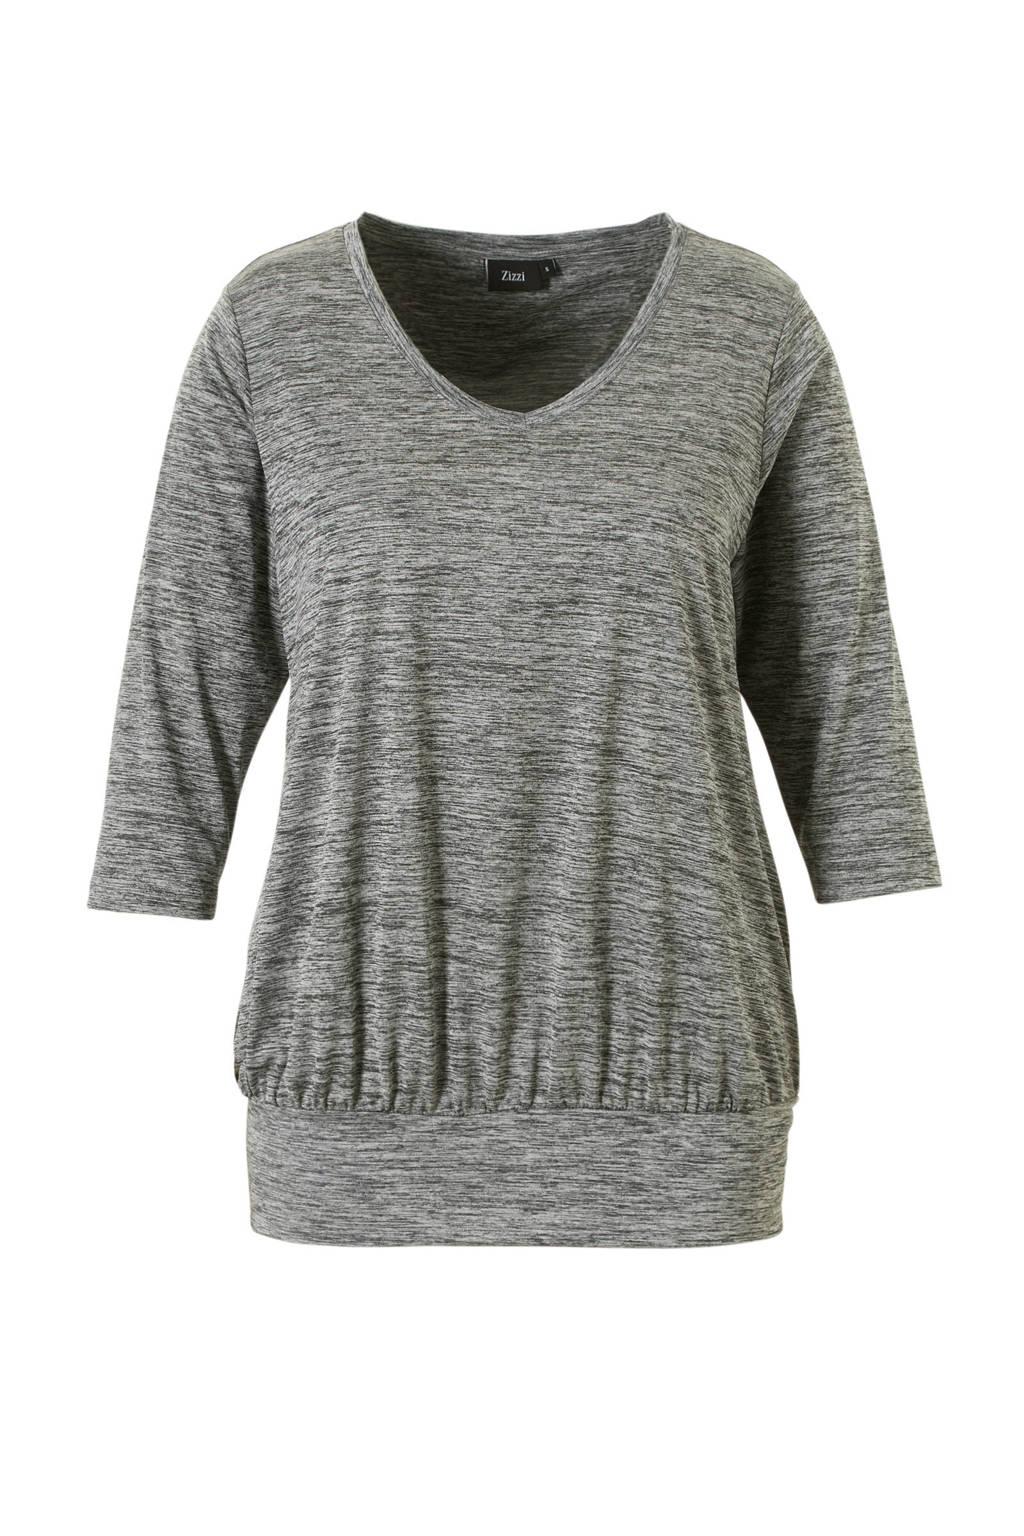 ACTIVE By Zizzi sport T-shirt grijs melange, Grijs melange